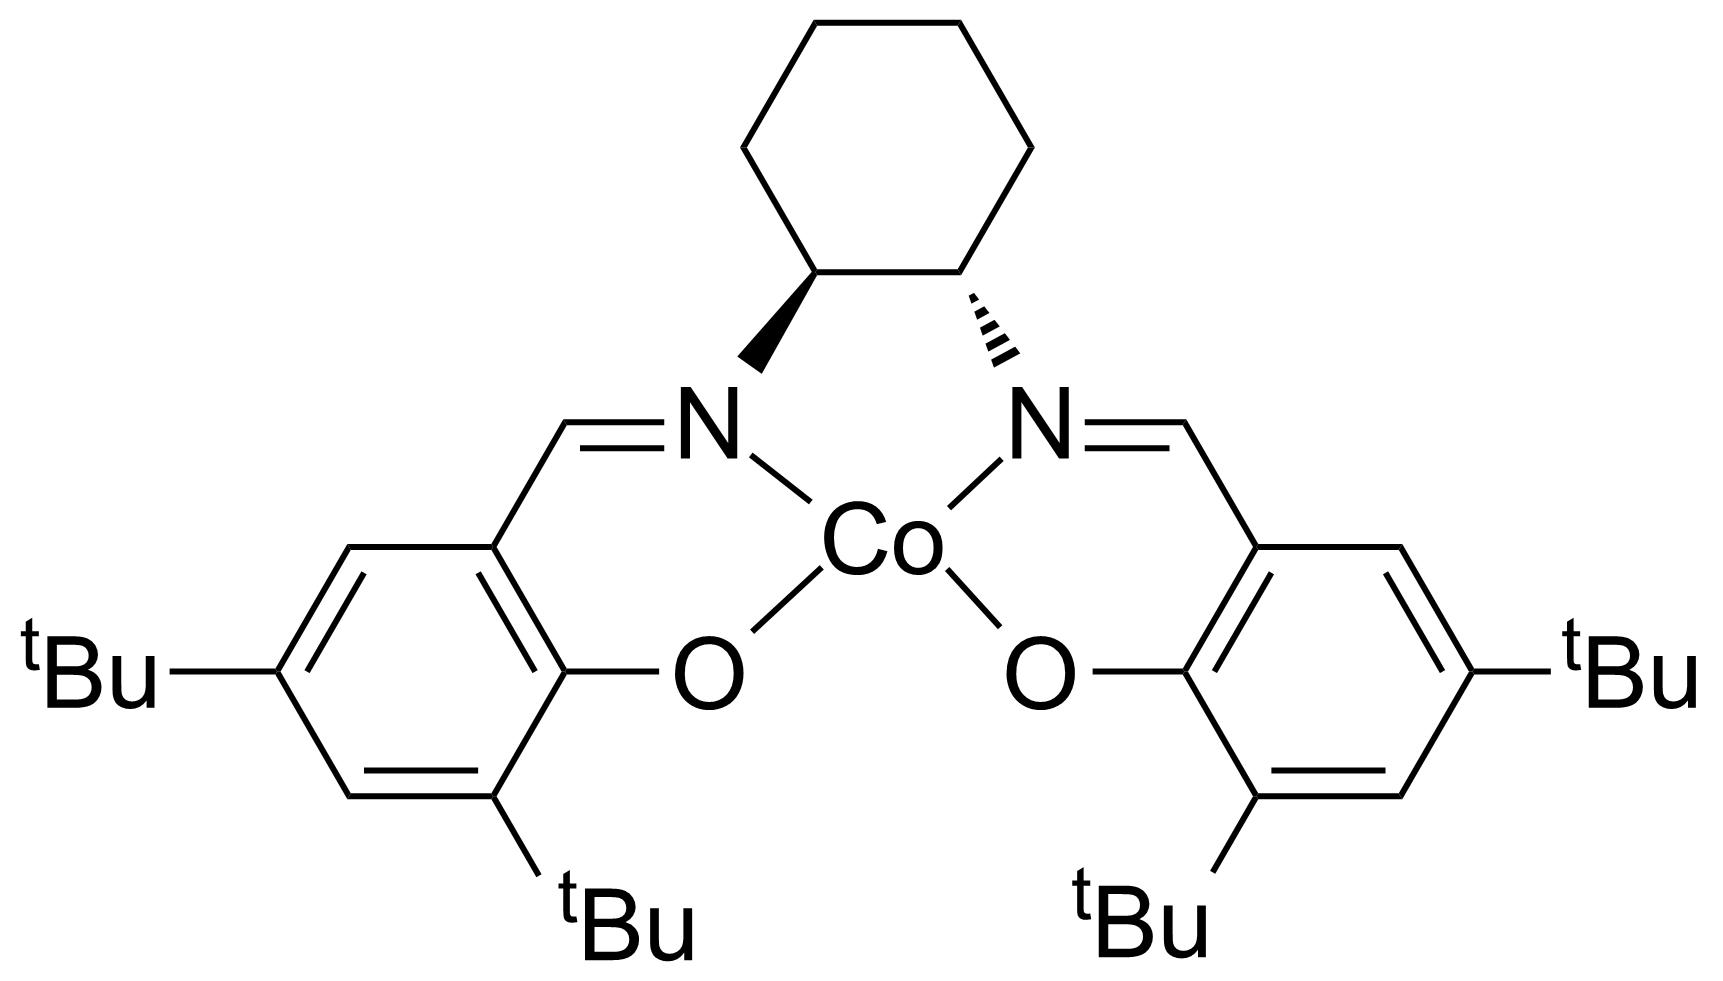 Structure of (S,S)-(+)-N,N'-Bis(3,5-di-tert-butylsalicylidene)-1,2-cyclohexanediaminocobalt(II)